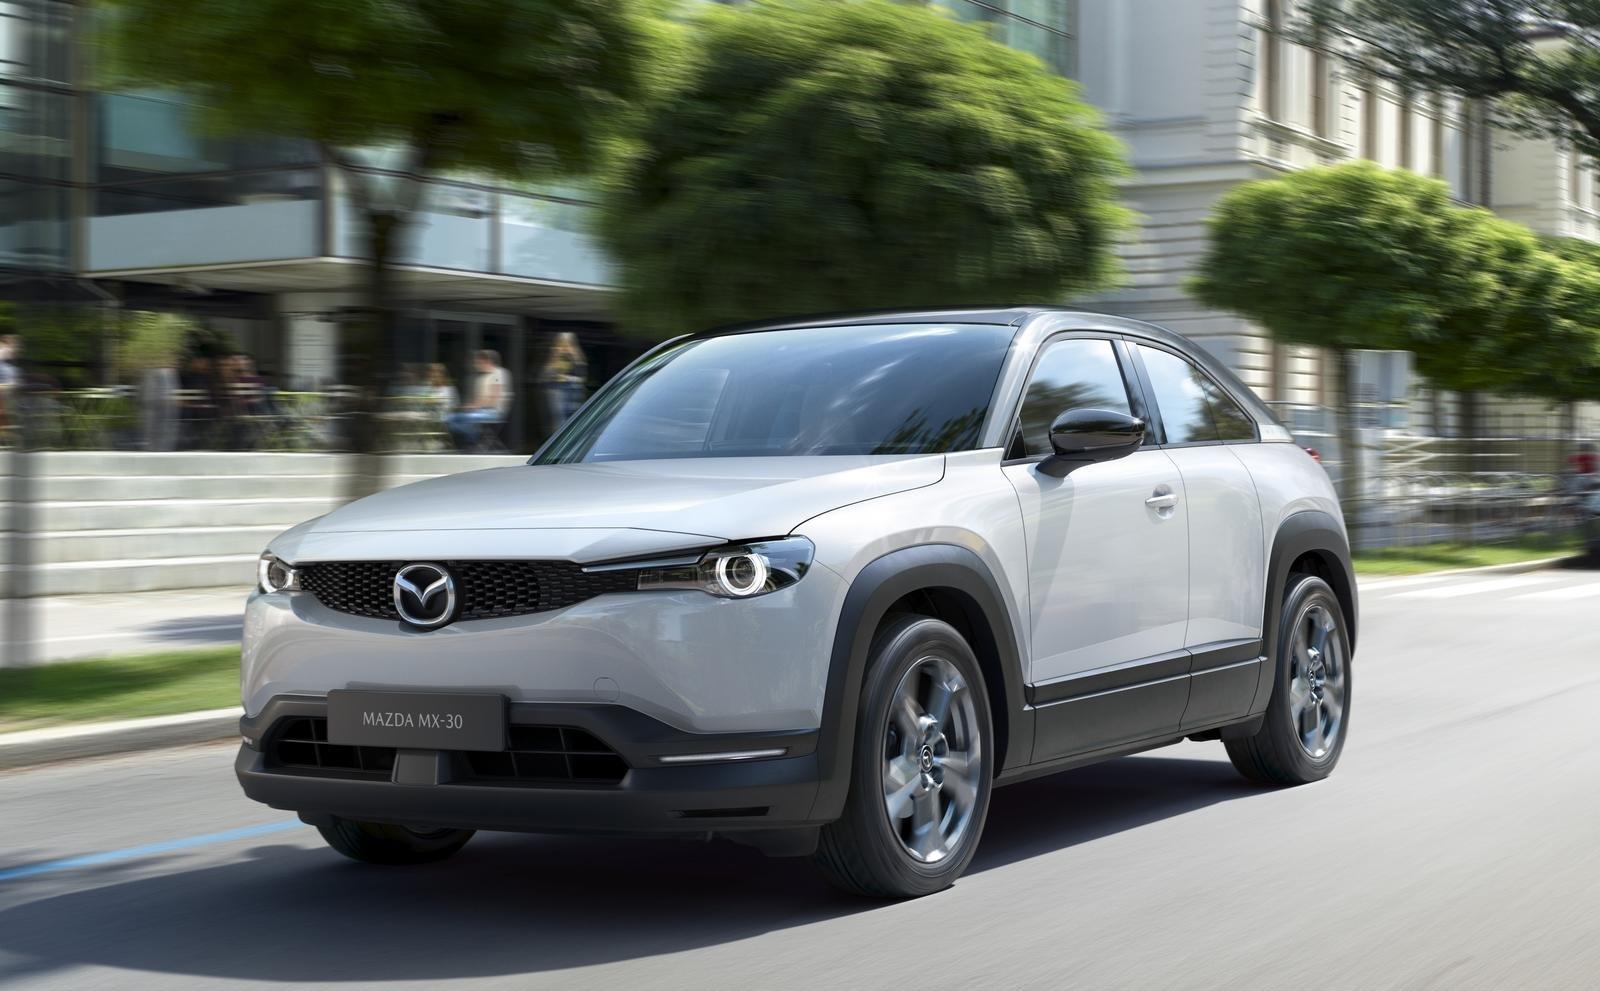 xe Mazda MX-30 2021 đang chạy